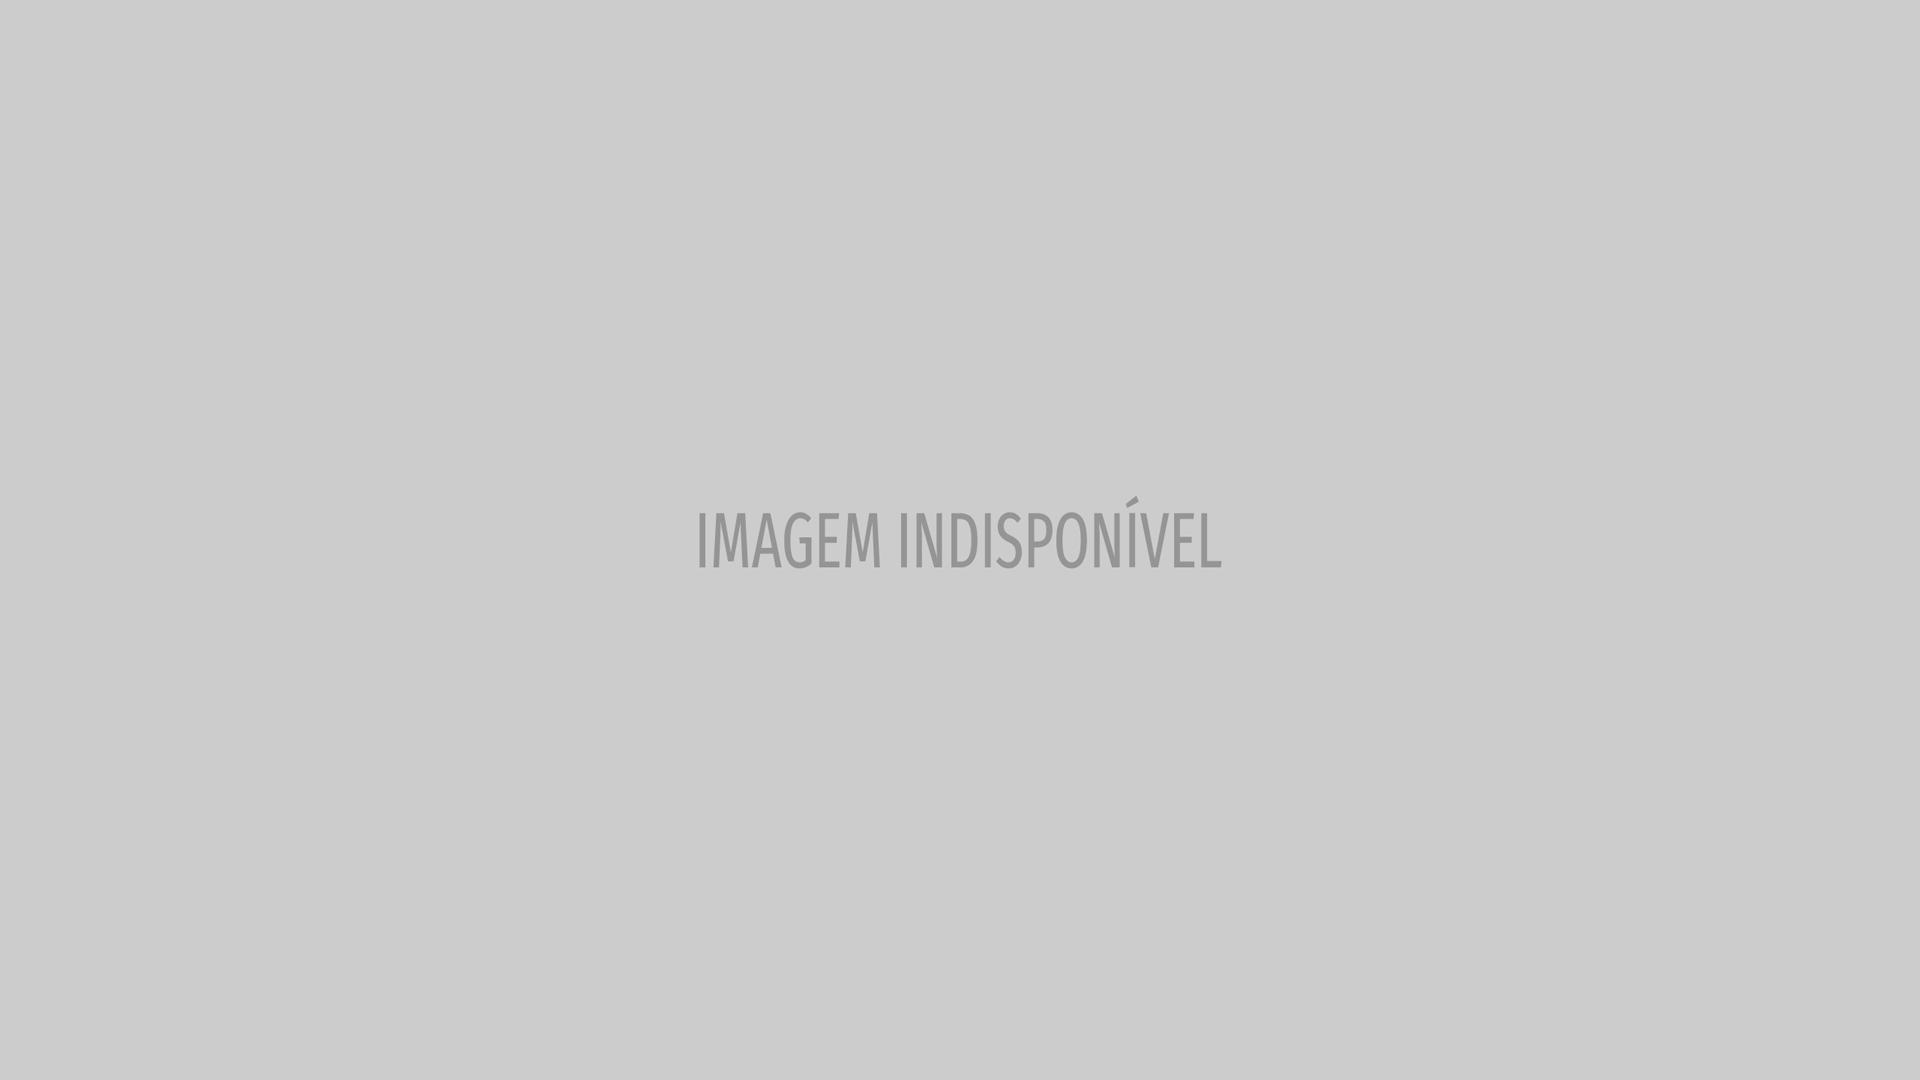 Caco Ciocler posta foto rara com o filho de 20 anos